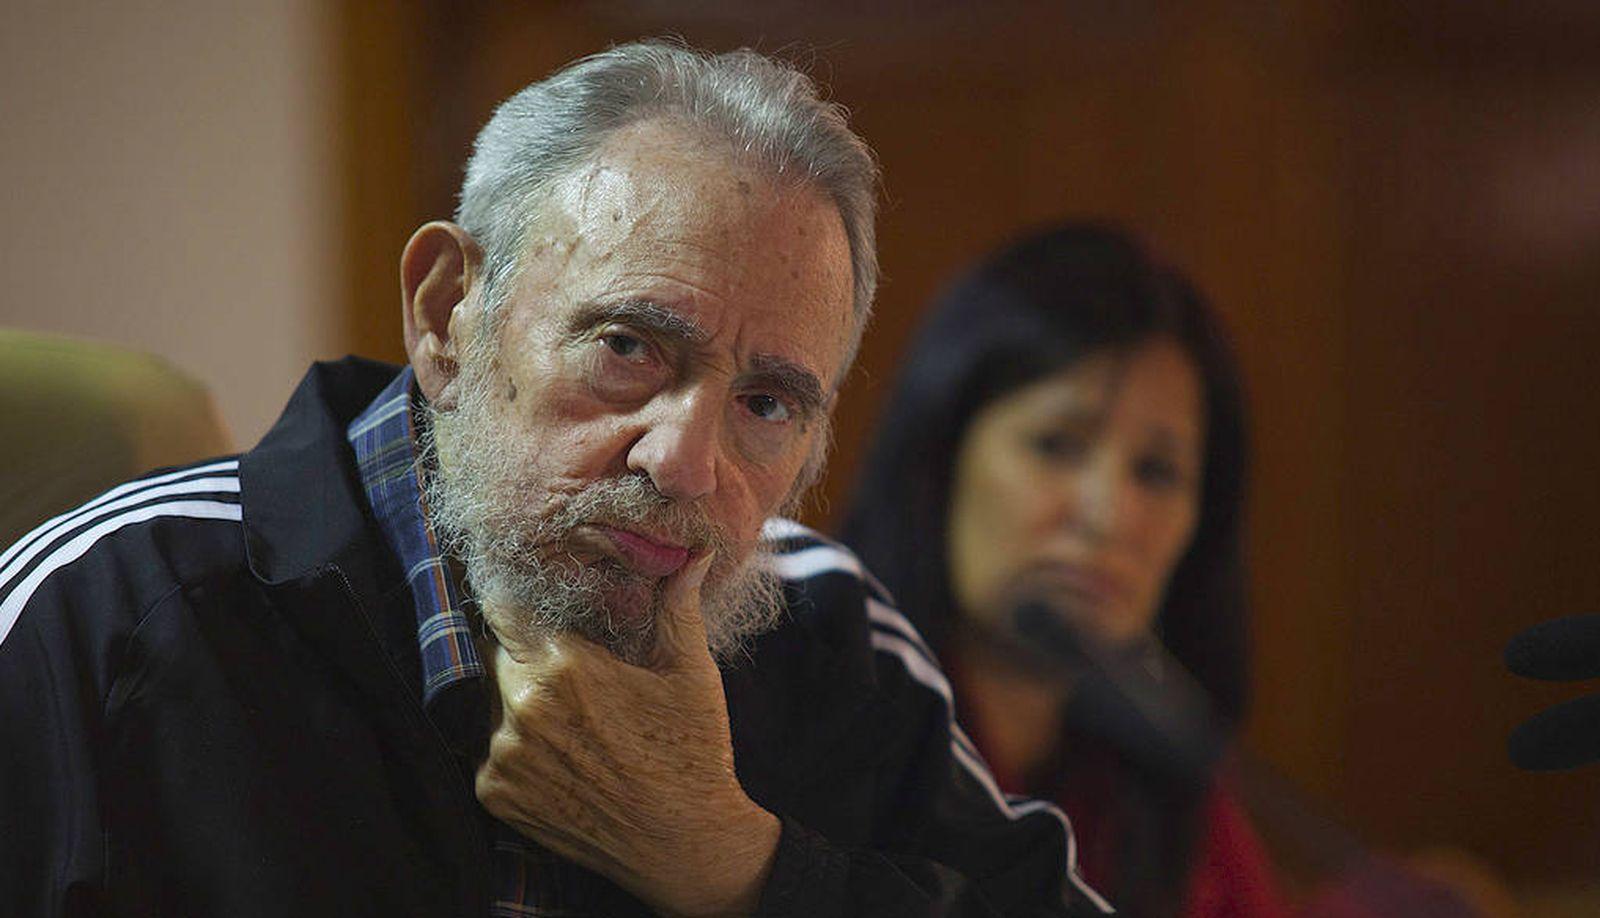 Foto: Fidel Castro durante la presentación de su biografía en La Habana, el 3 de febrero de 2012 (Reuters).